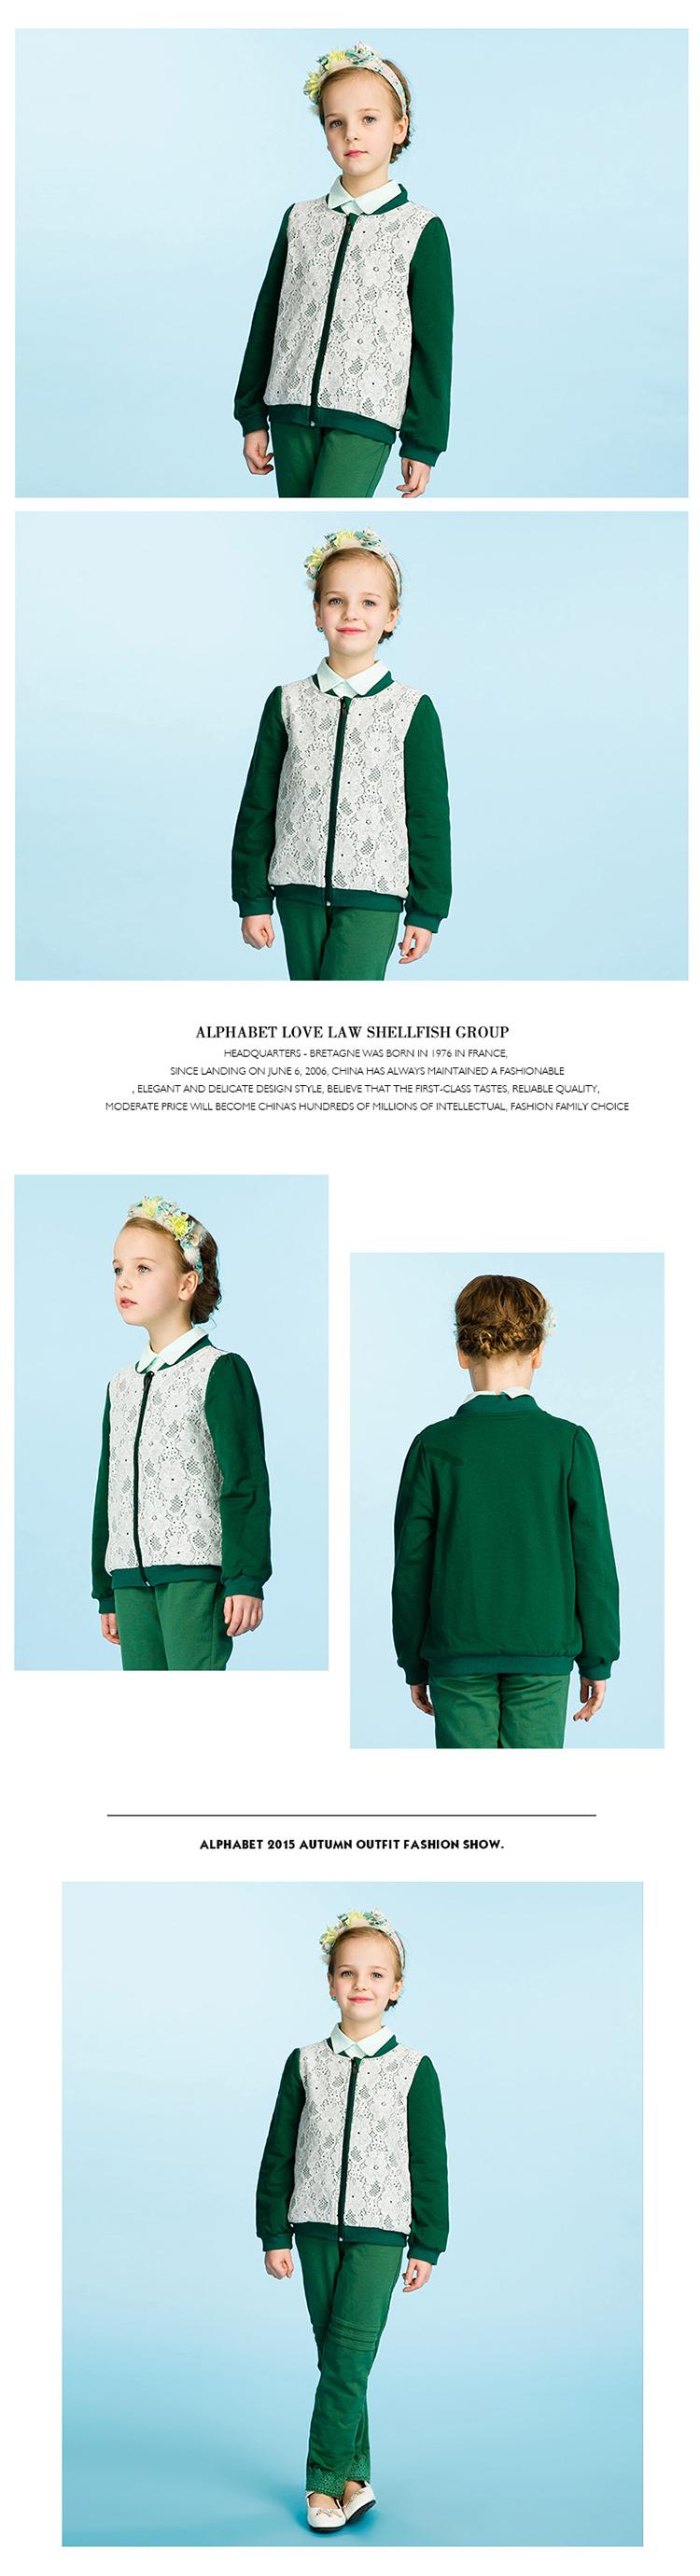 爱法贝 商品名称: 女童军绿针织外套 商品分类: 儿童外套/夹克/风衣